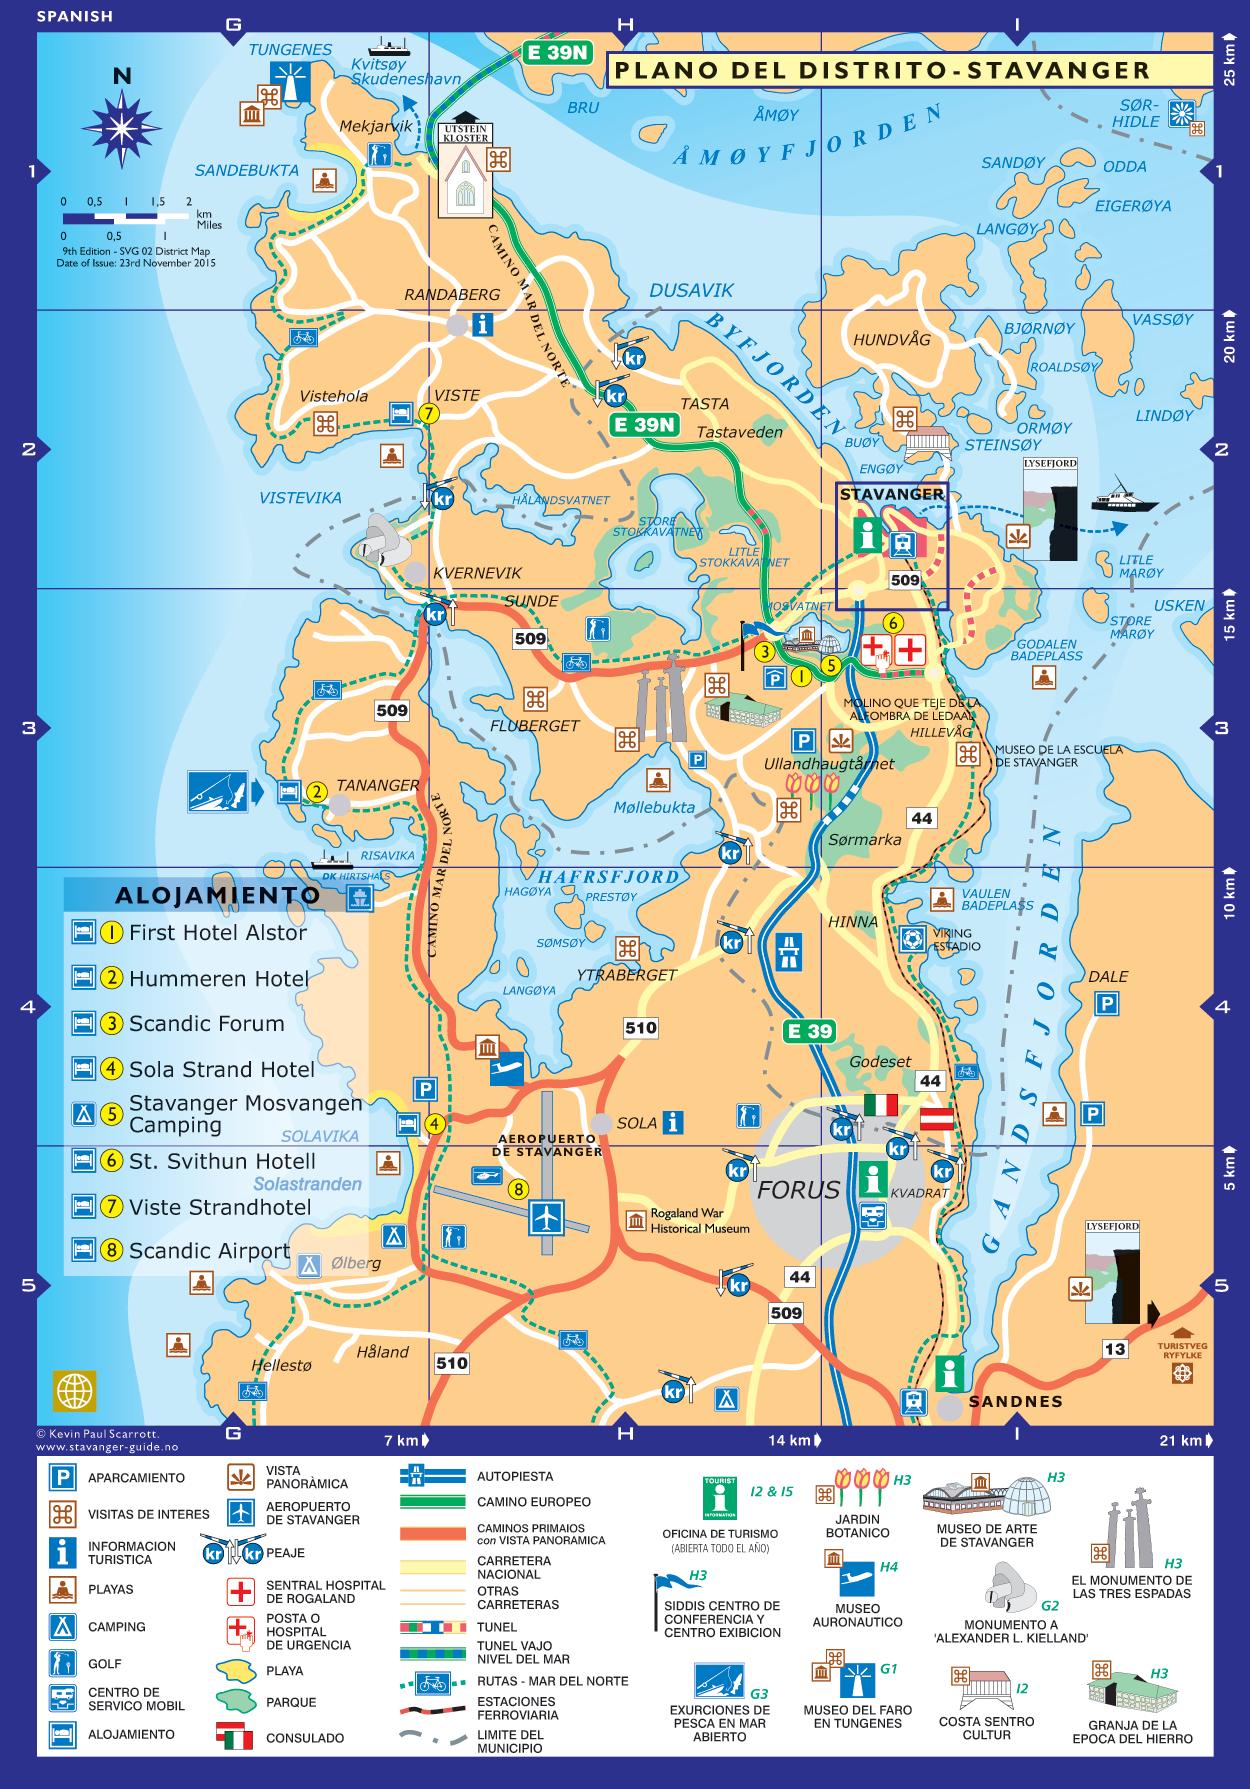 Plano del distrito - Stavanger